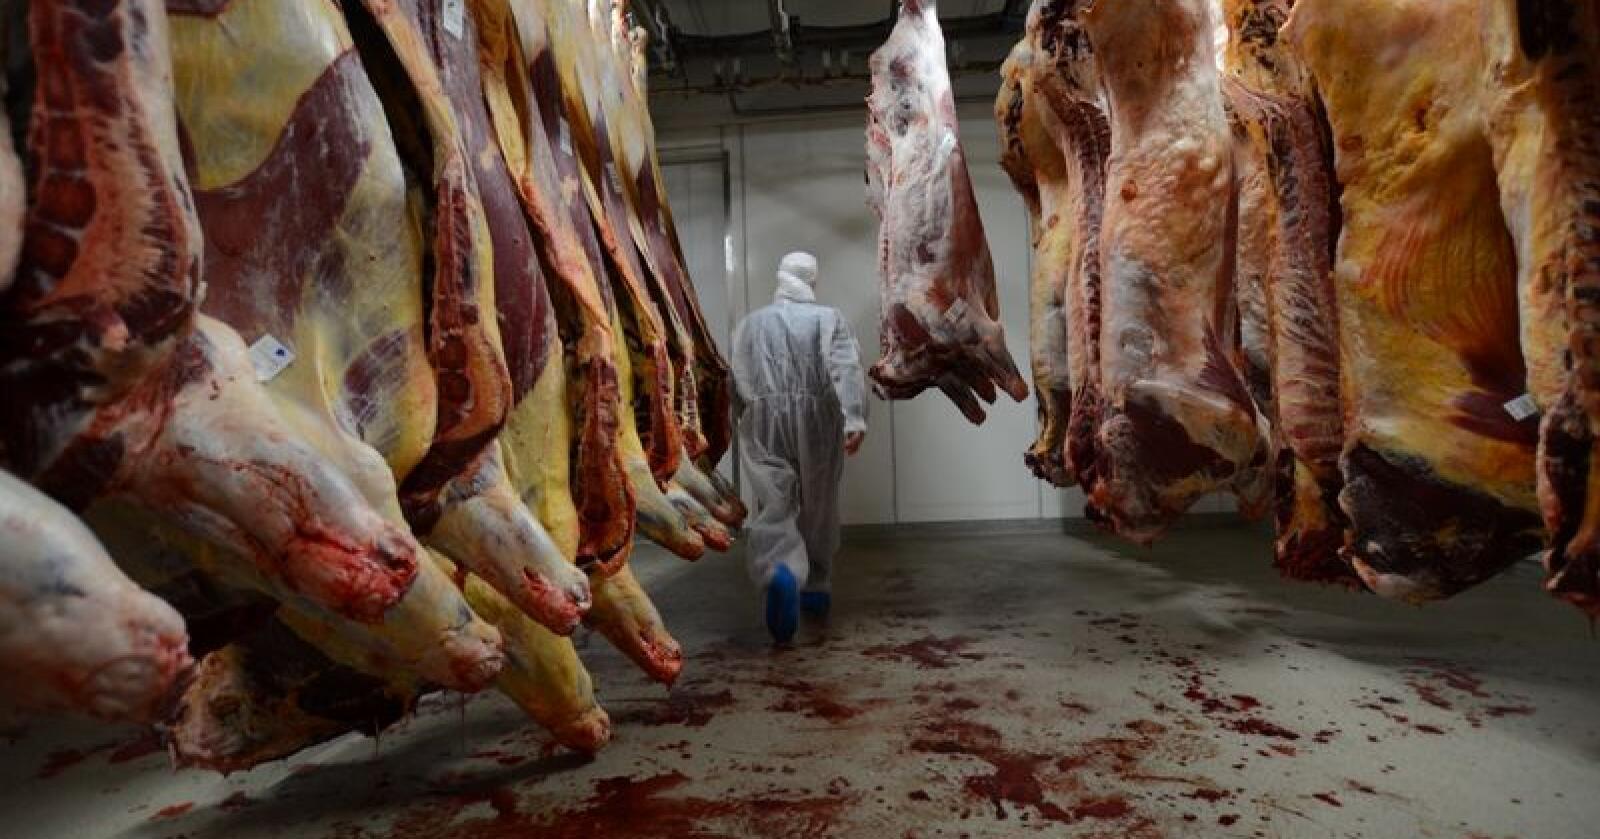 Hvis dyrene blir stresset før de slaktes får ikke kjøttet den samme mørheten som kjøttet normalt vil ha. Foto: Liv Jorunn D. Sagmo